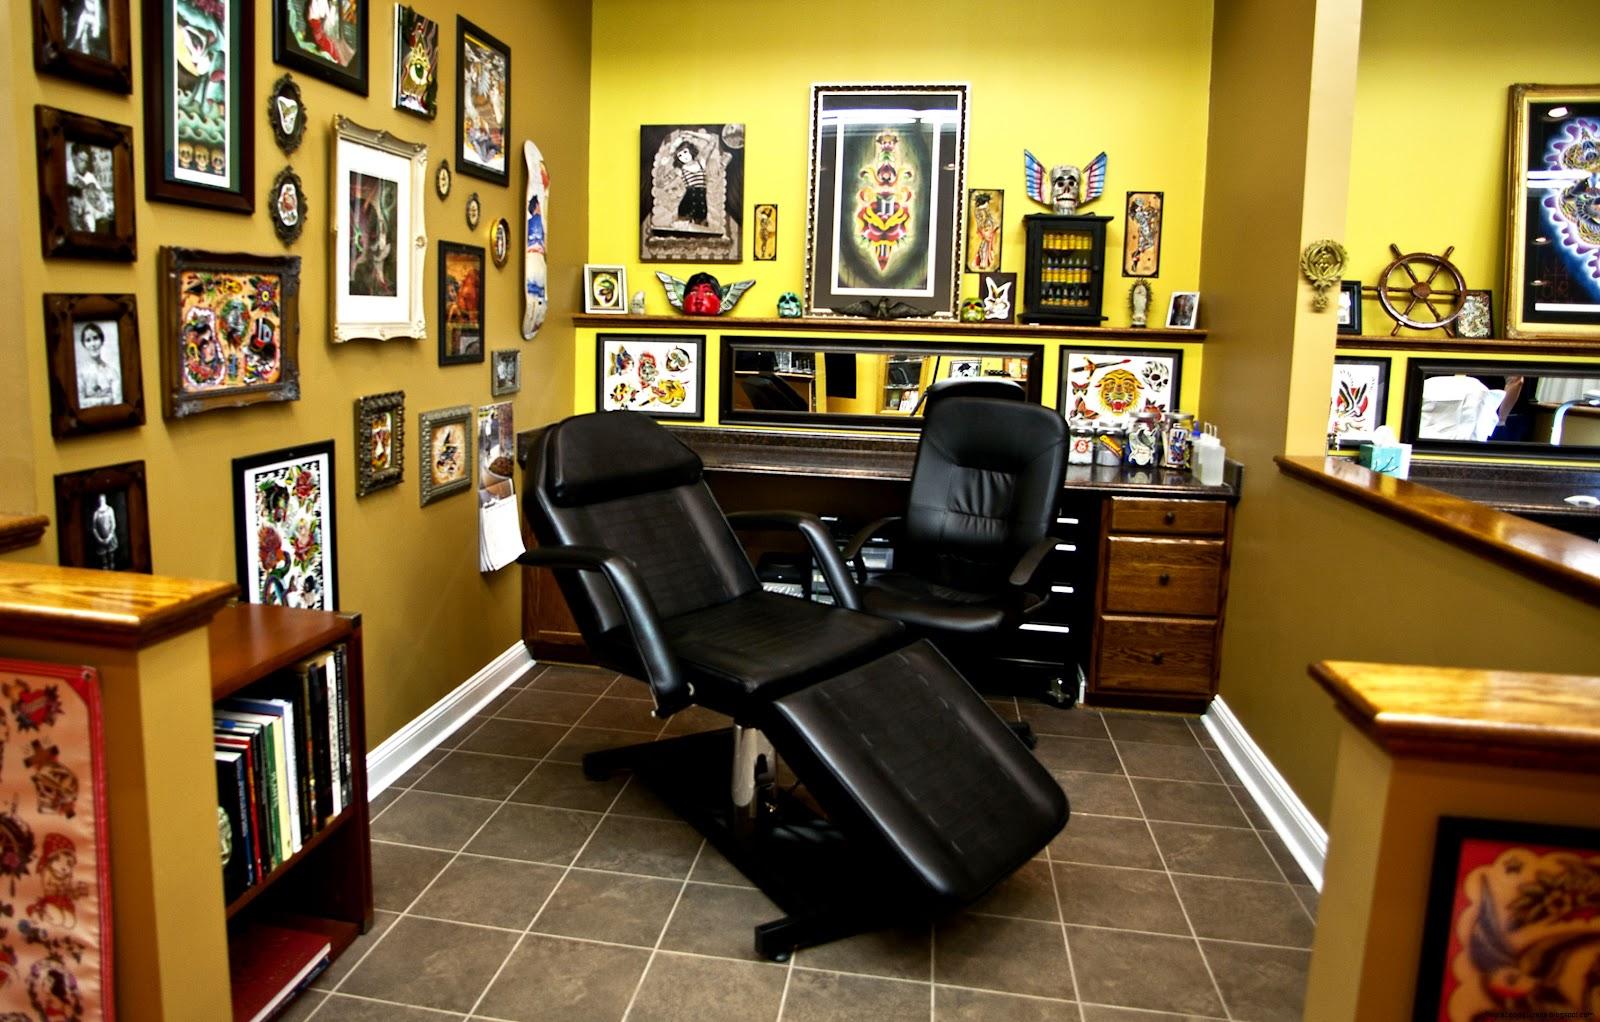 tattoo shop on Pinterest  Tattoo Shop Decor Tattoo and Shops